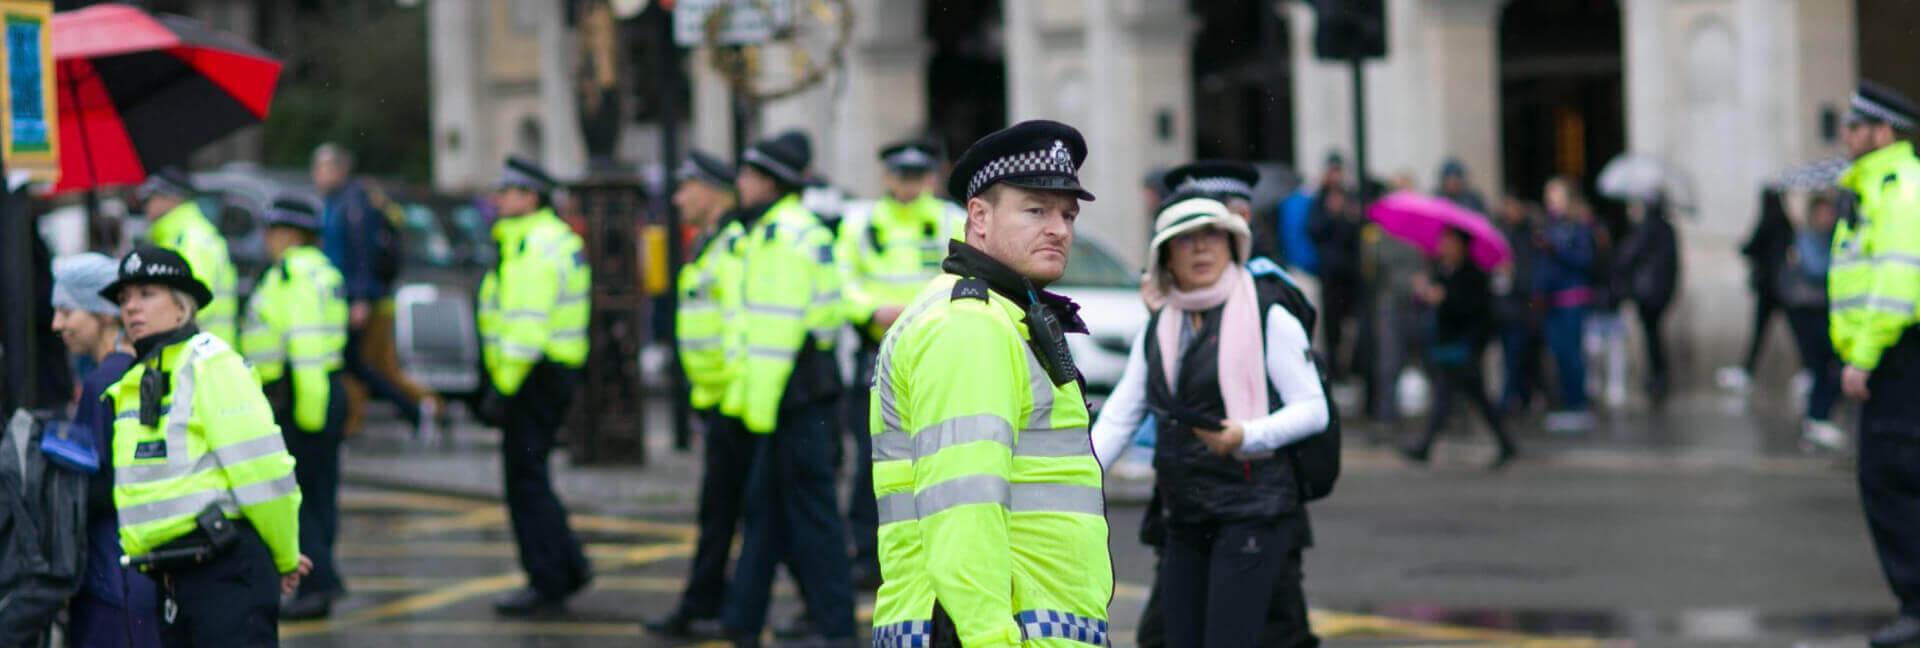 Mehrere Polizisten in gelber Weste bei regnerischem Wetter.